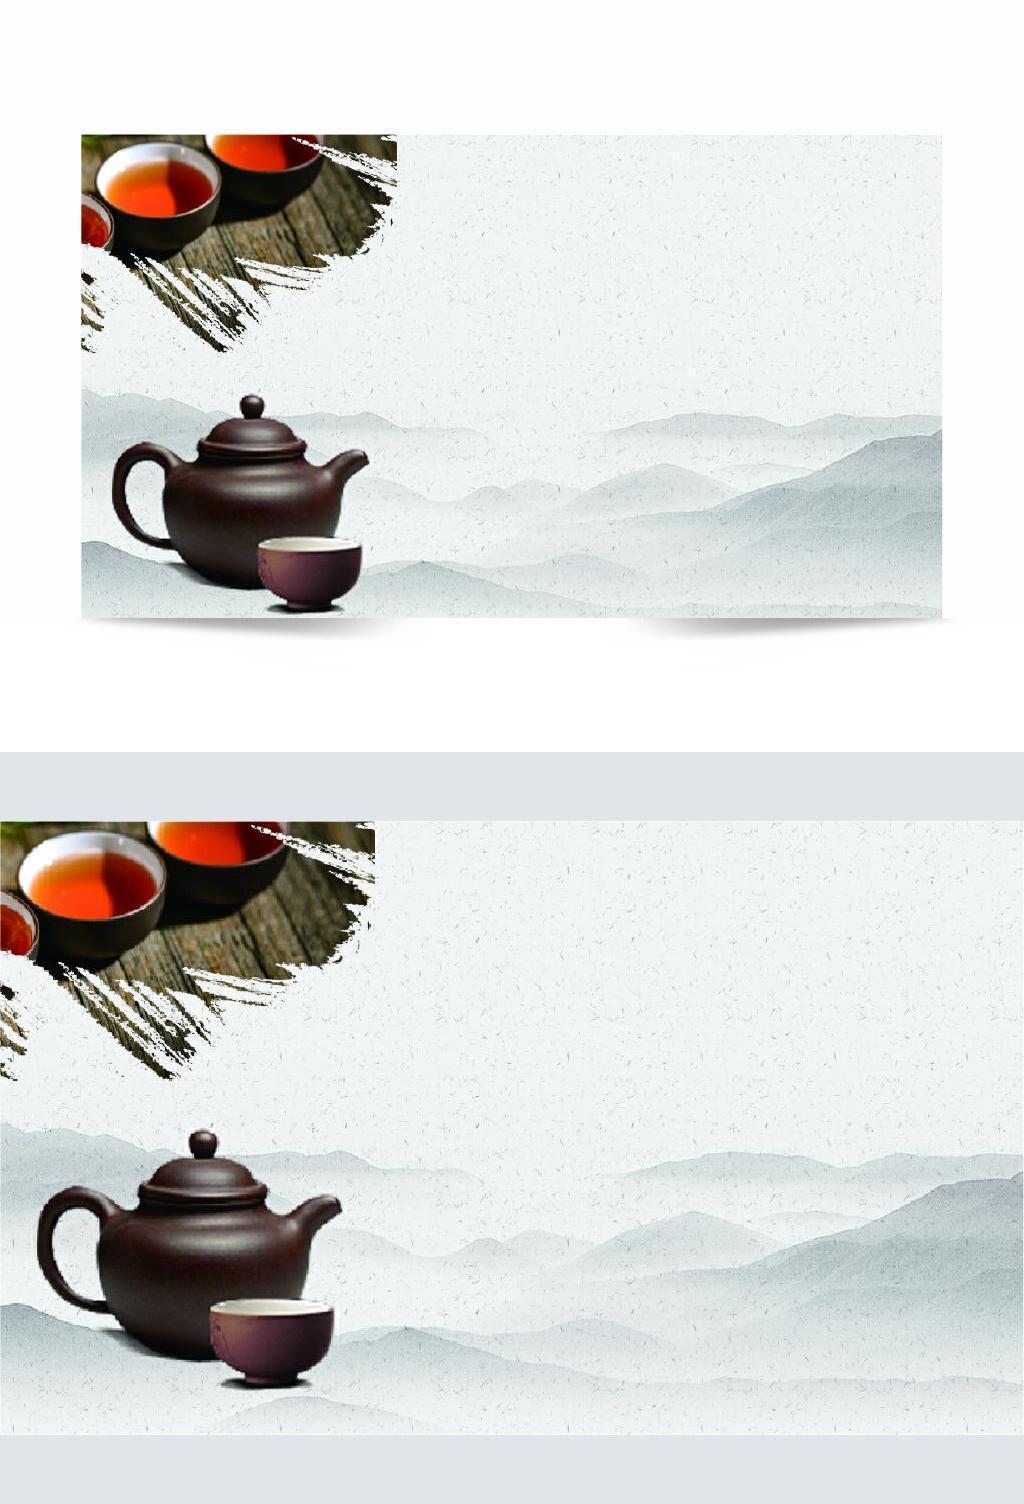 中国茶文化名片背景